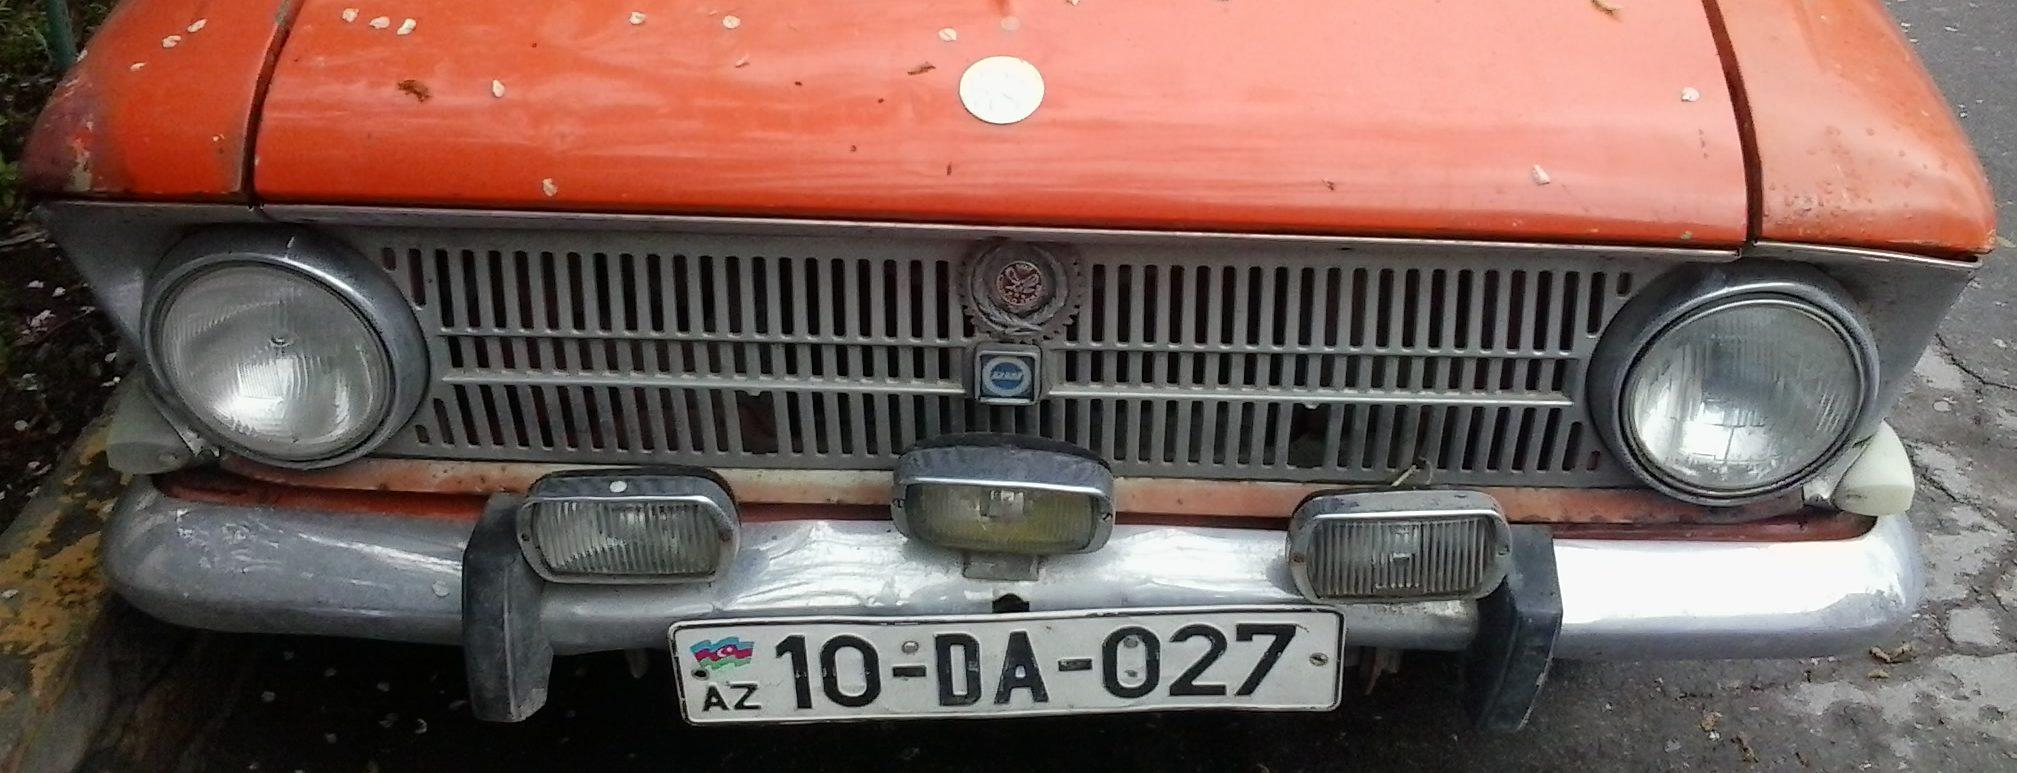 grill of a Sovet car